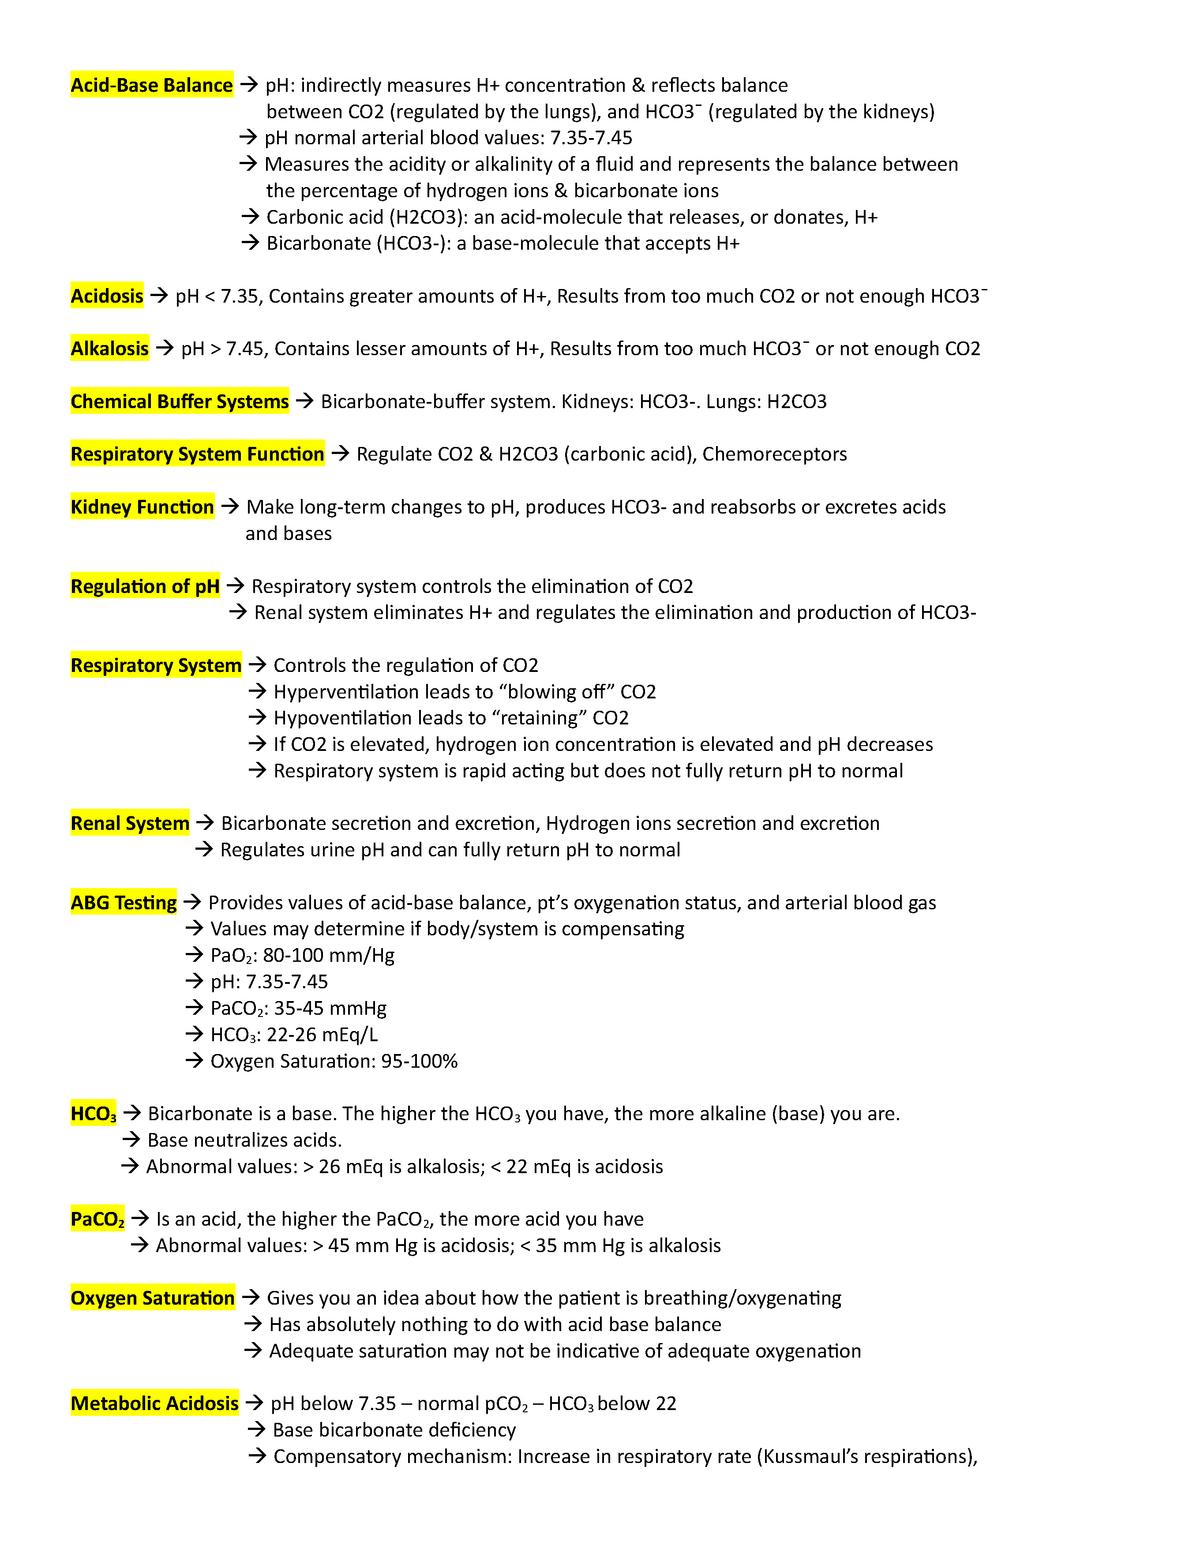 Patho Acid-Base & Fluids - NUR3130 Foundations - NSU - StuDocu